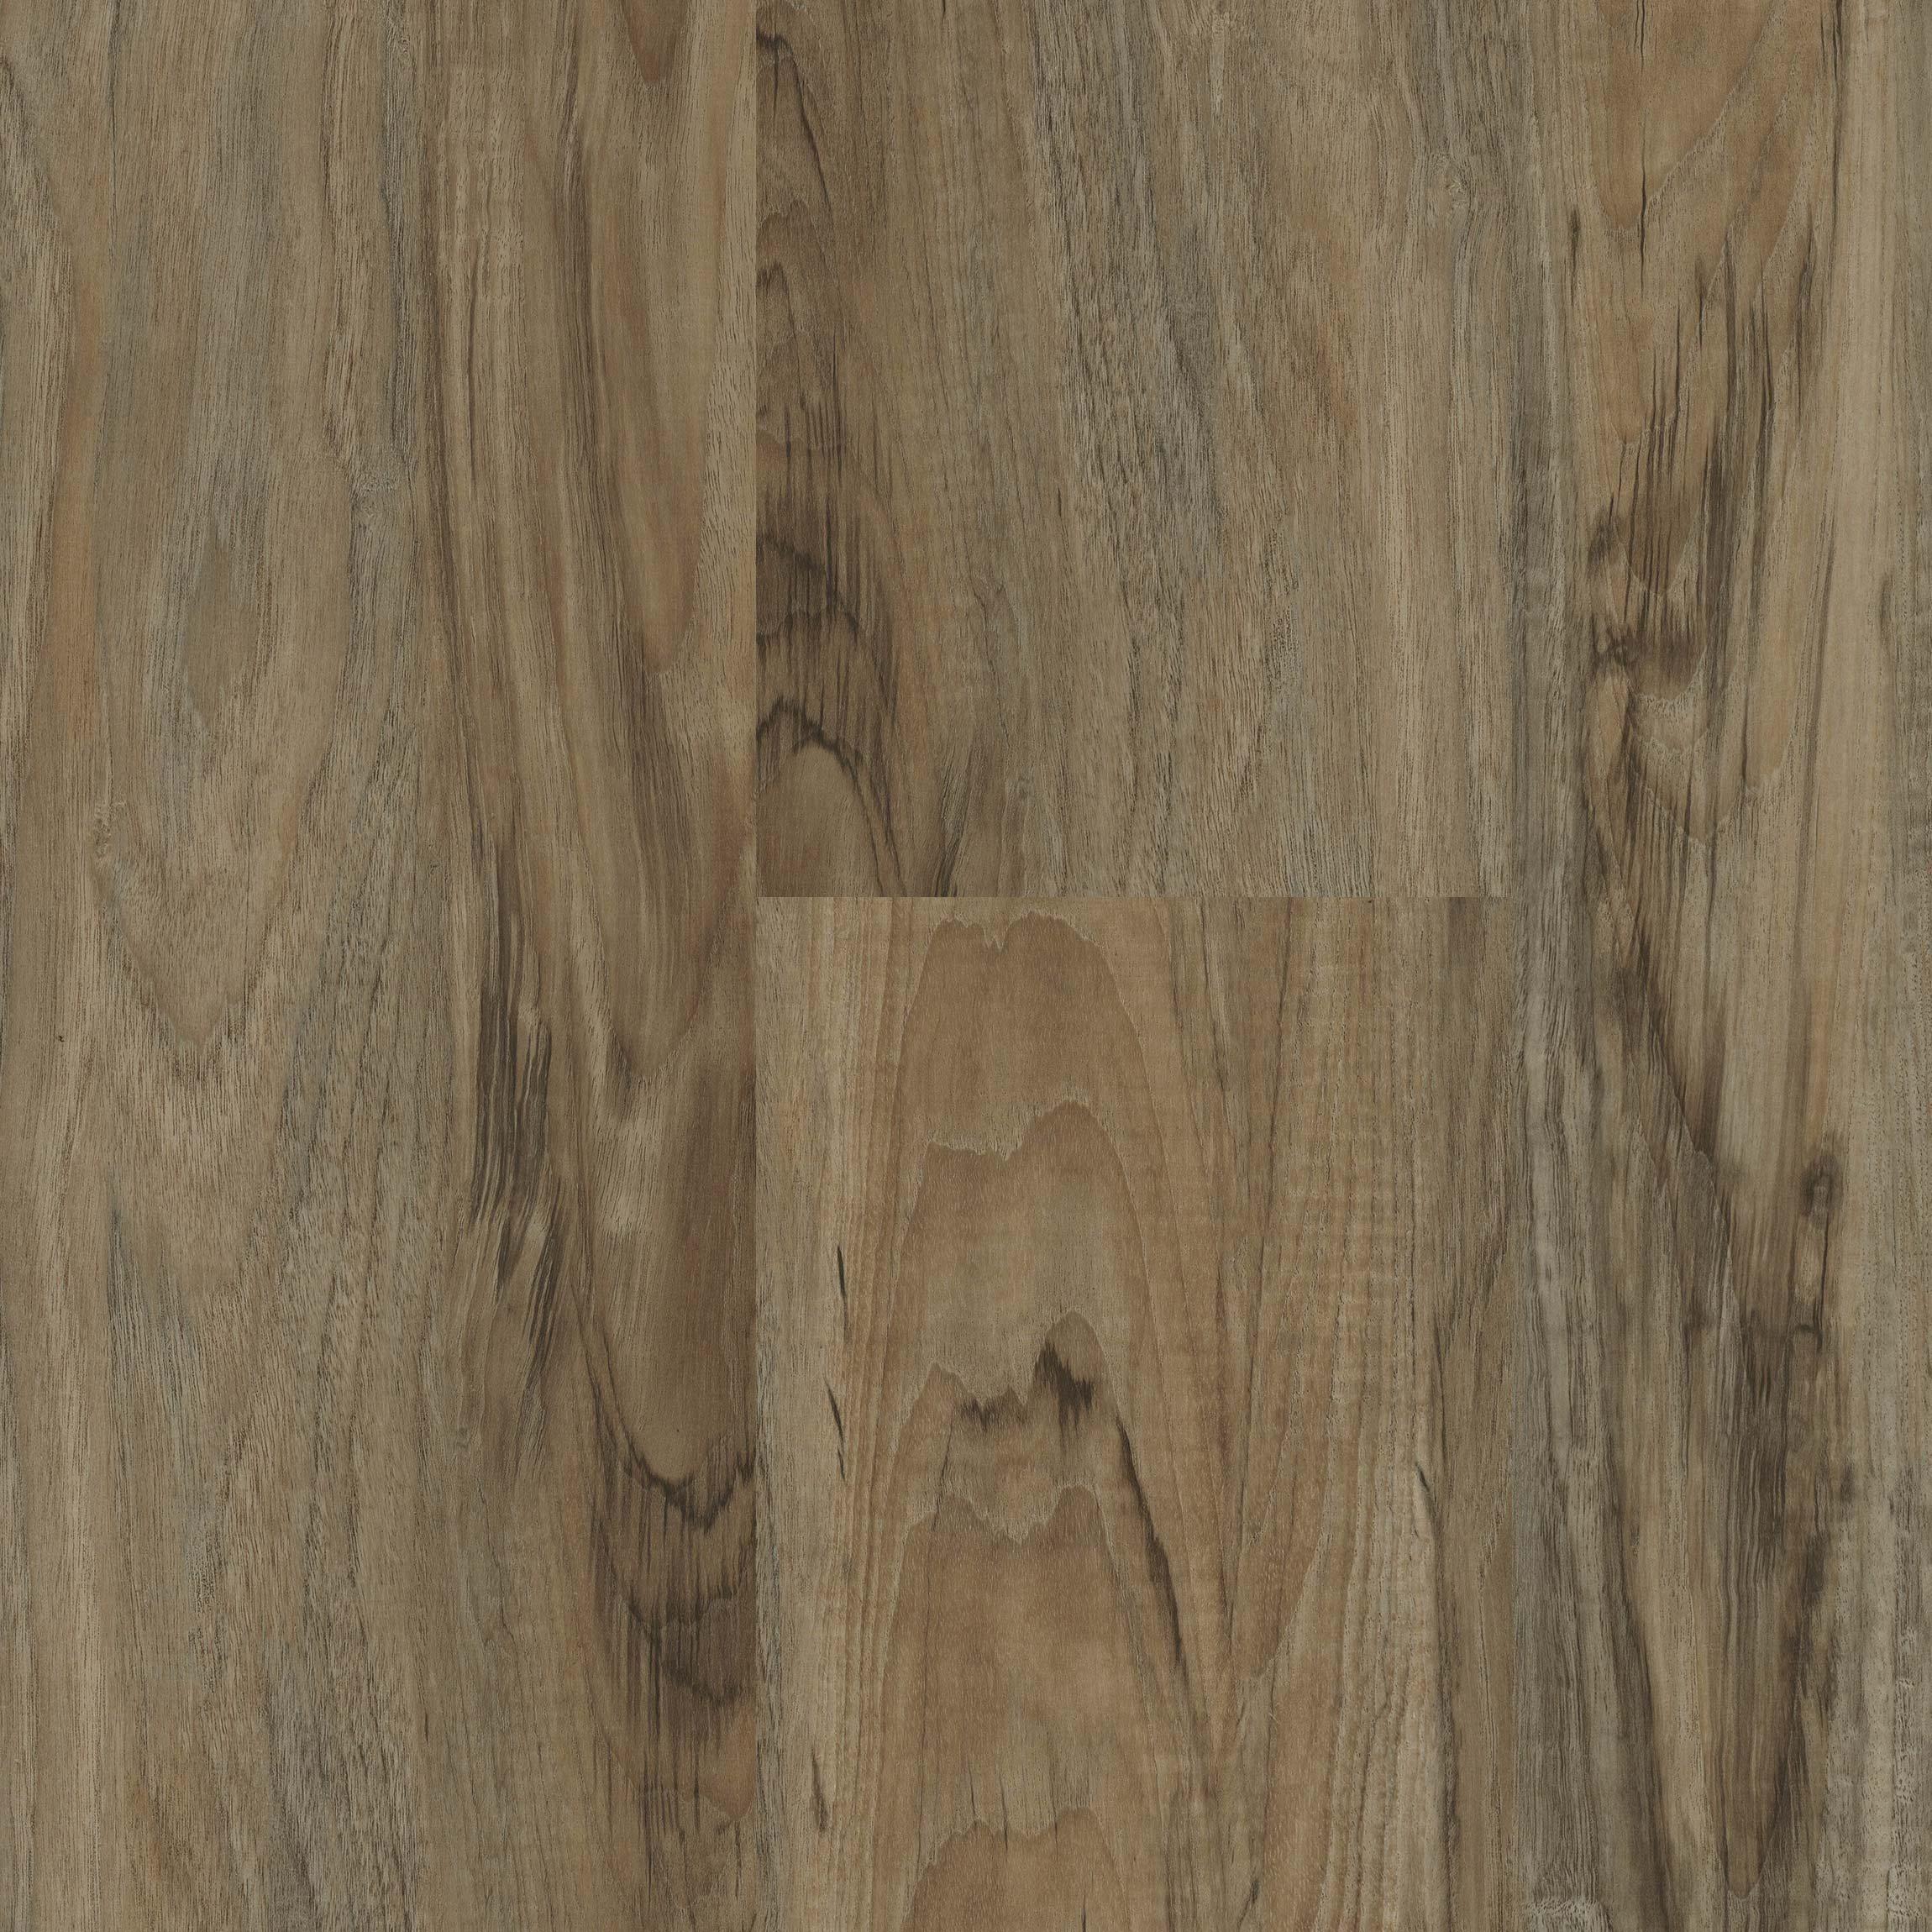 Supreme Elite Freedom Series Le Cider Oak Waterproof Loose Lay Vinyl Plank